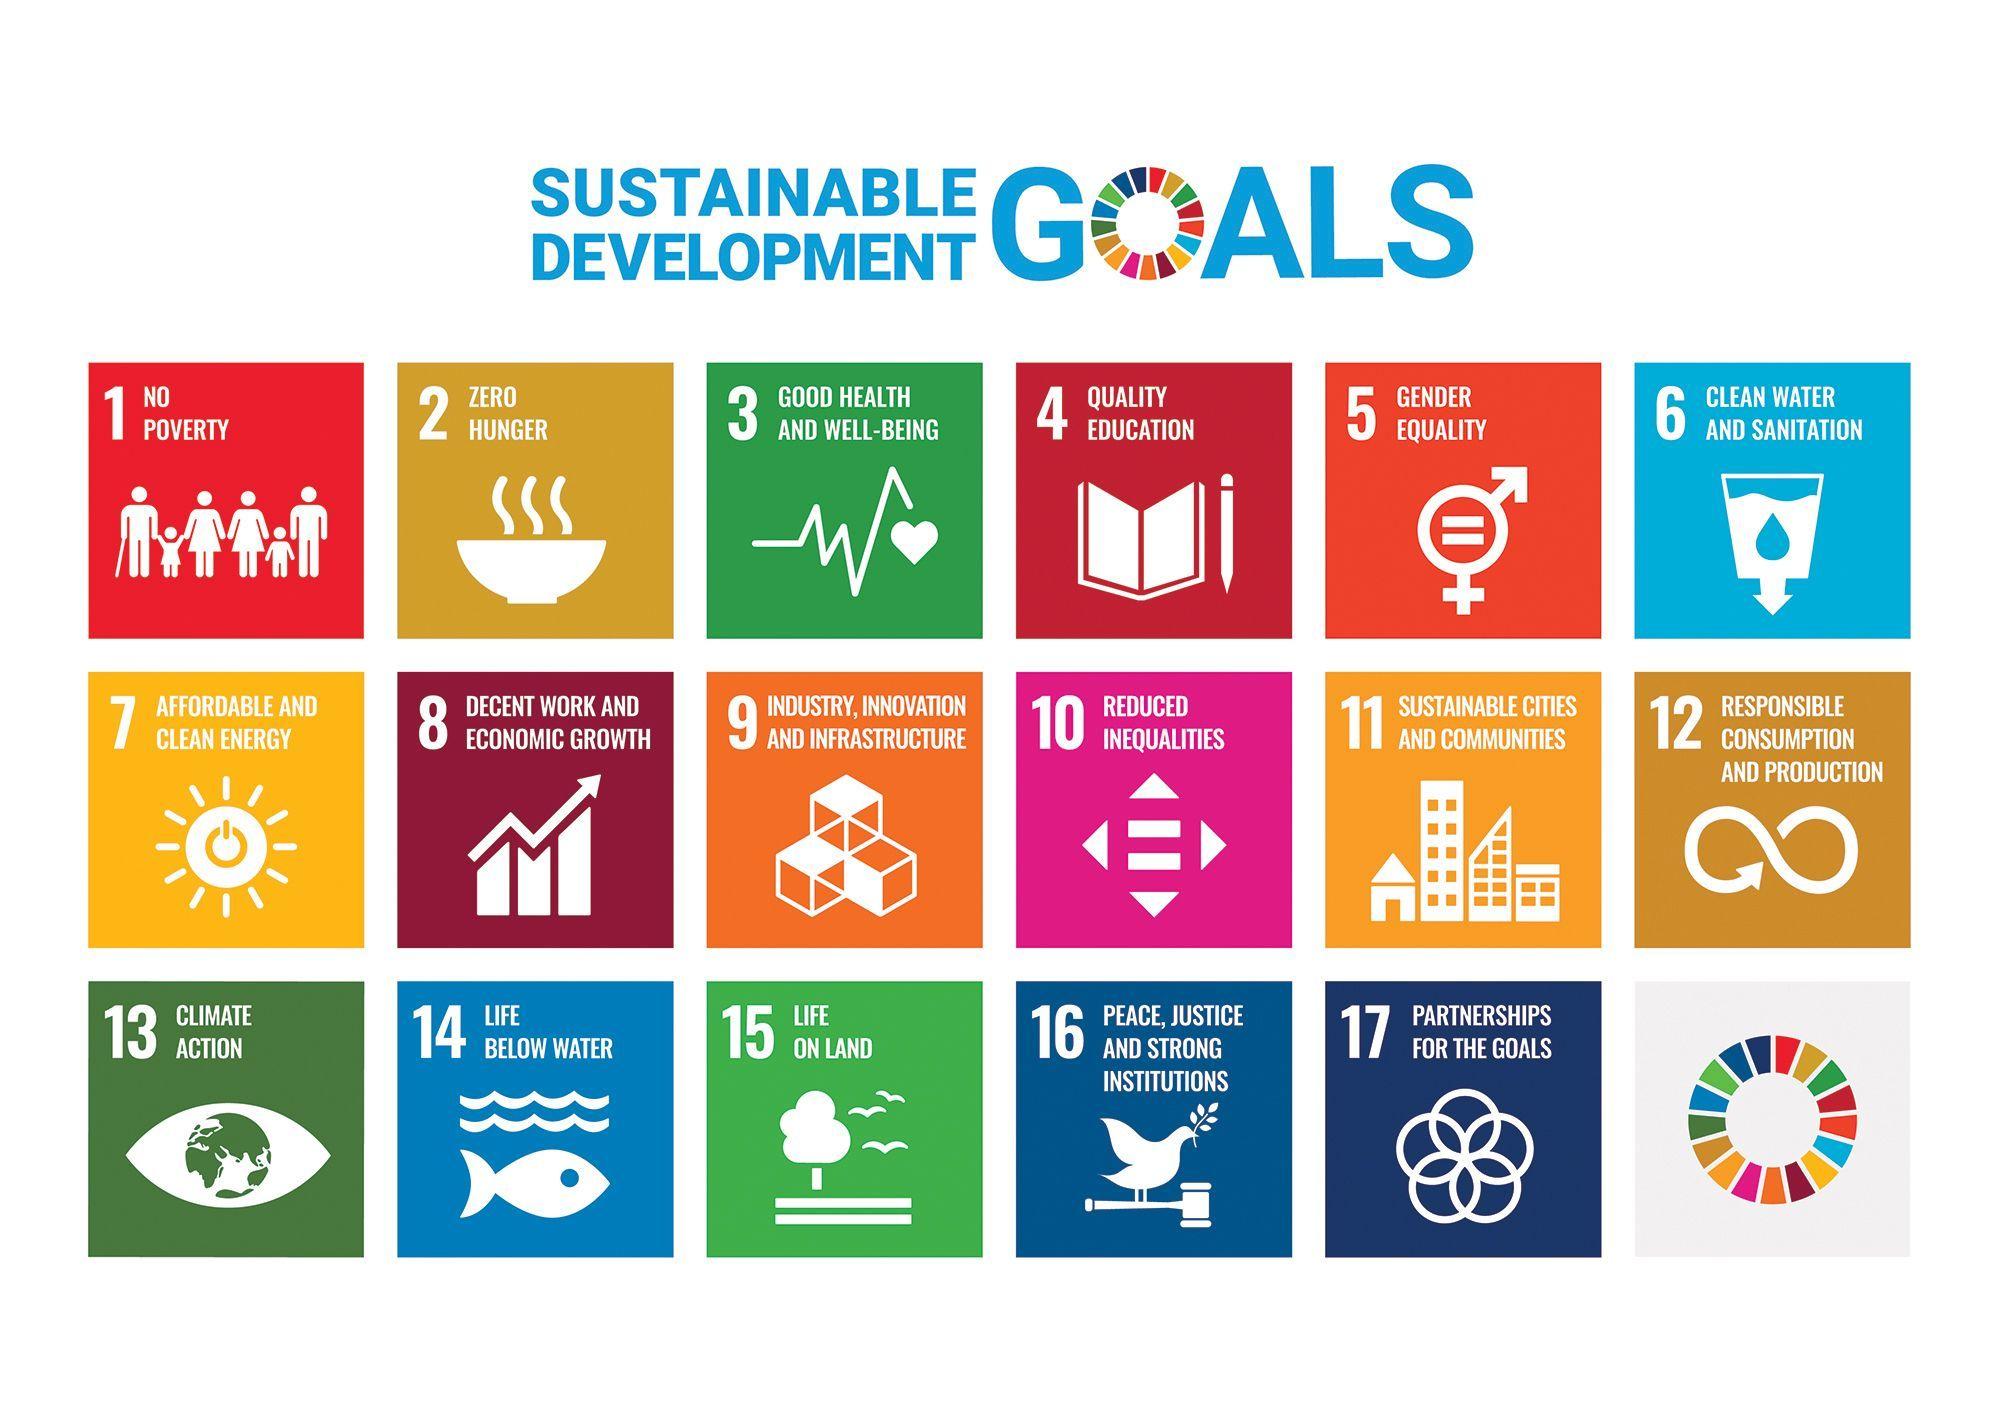 UN SDG 17 Goals